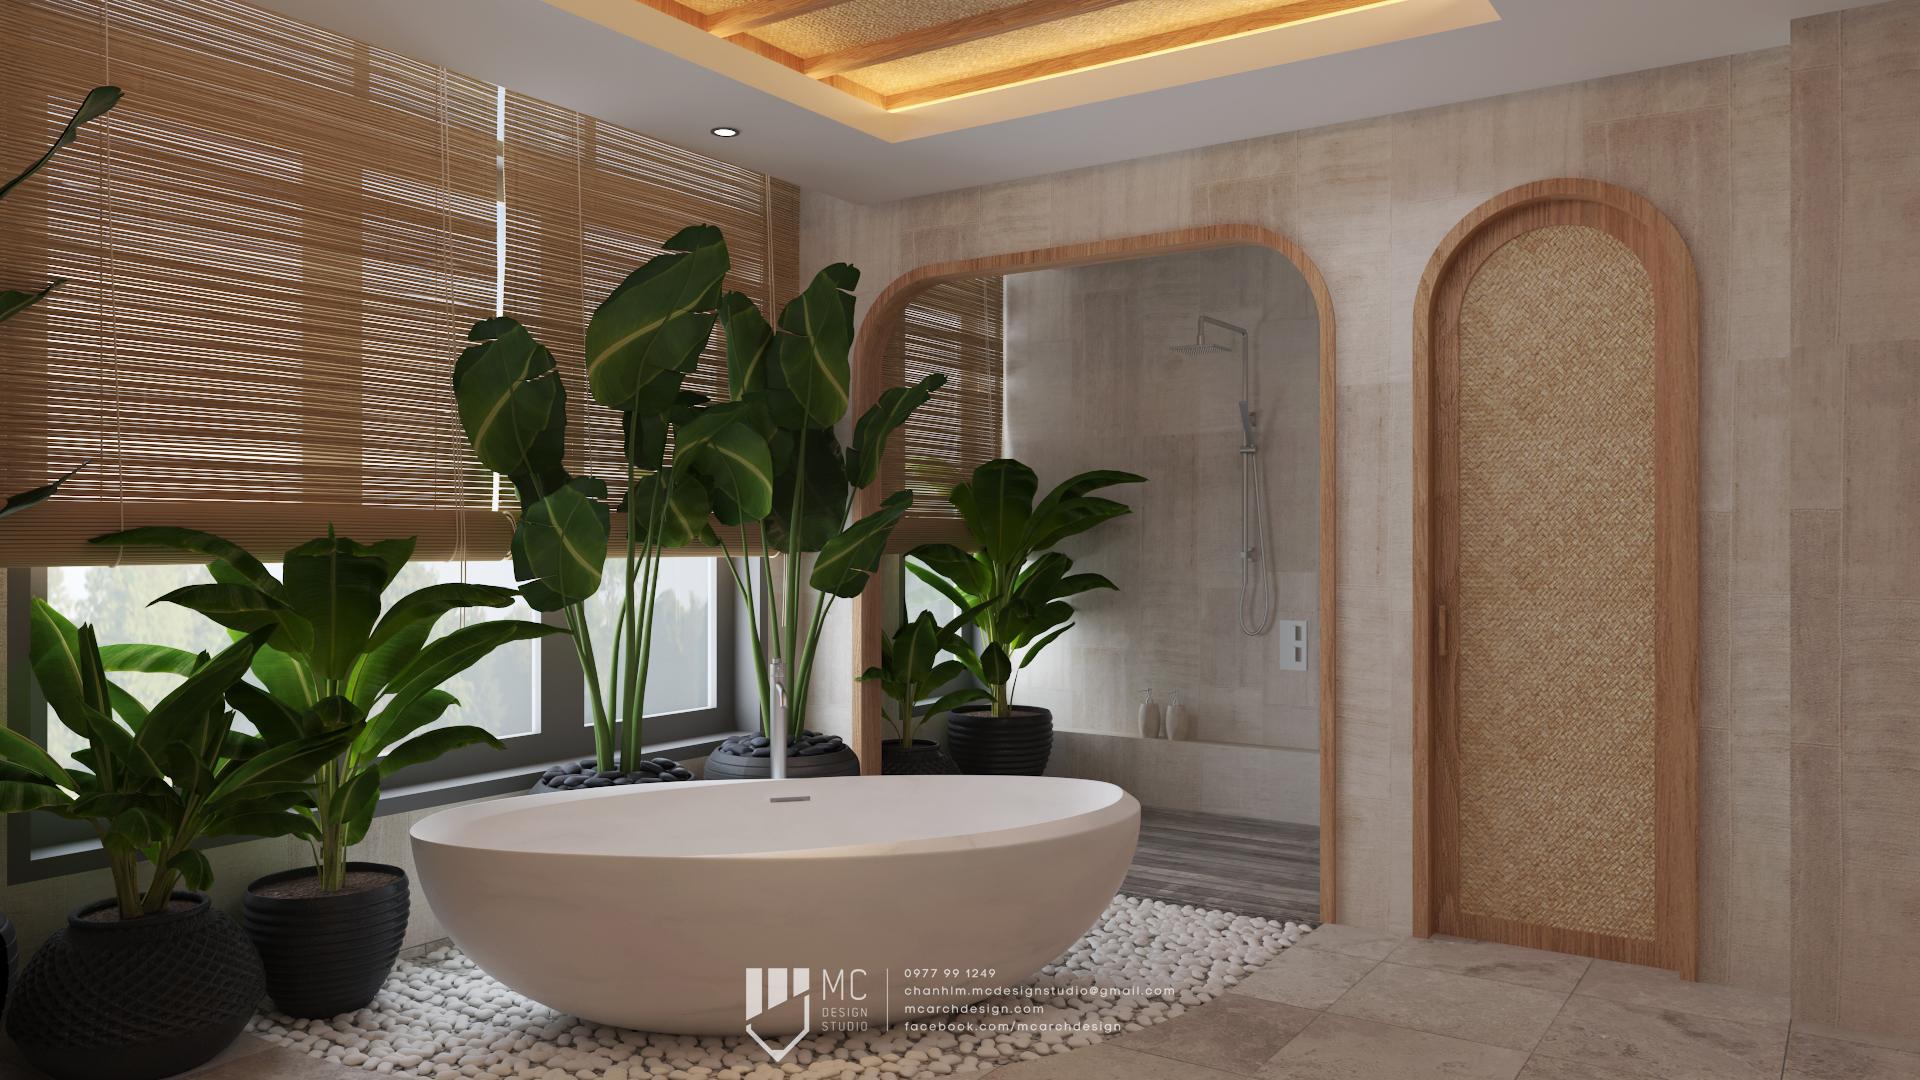 Thiết kế nội thất Biệt Thự tại Đắk Lắk BM House 1590741706 9